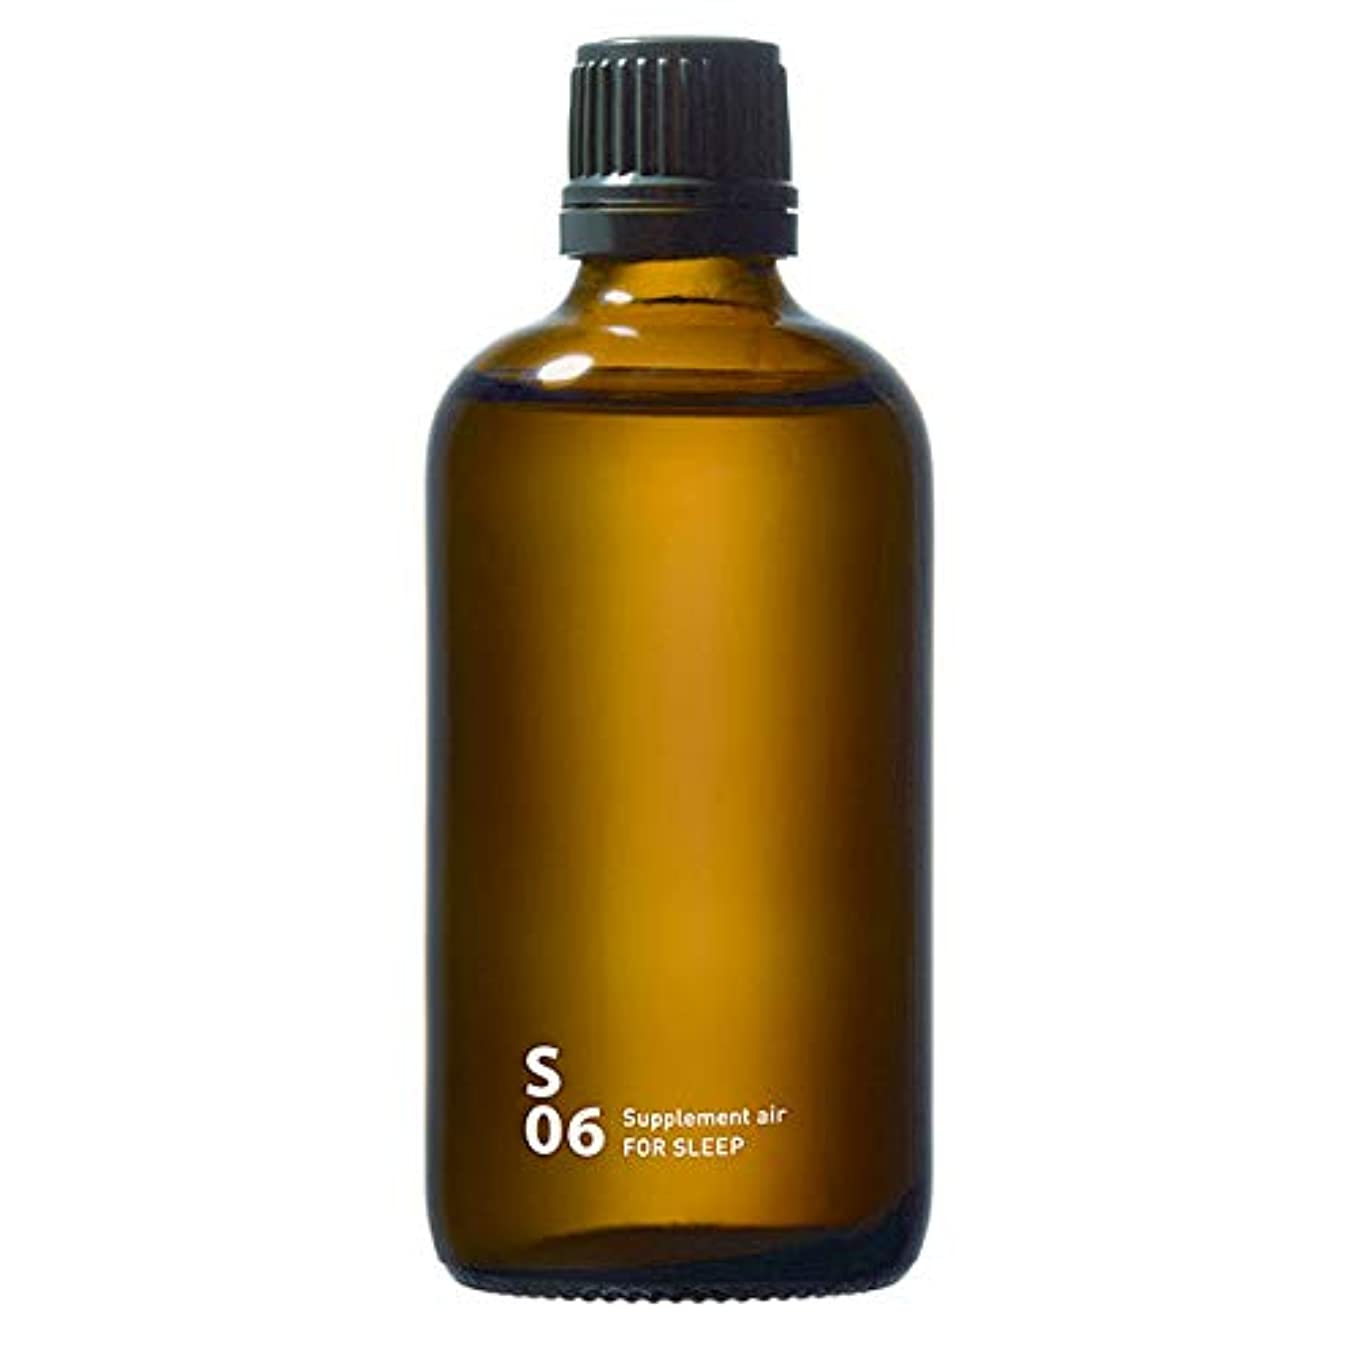 ビット退屈させる平らなS06 FOR SLEEP piezo aroma oil 100ml